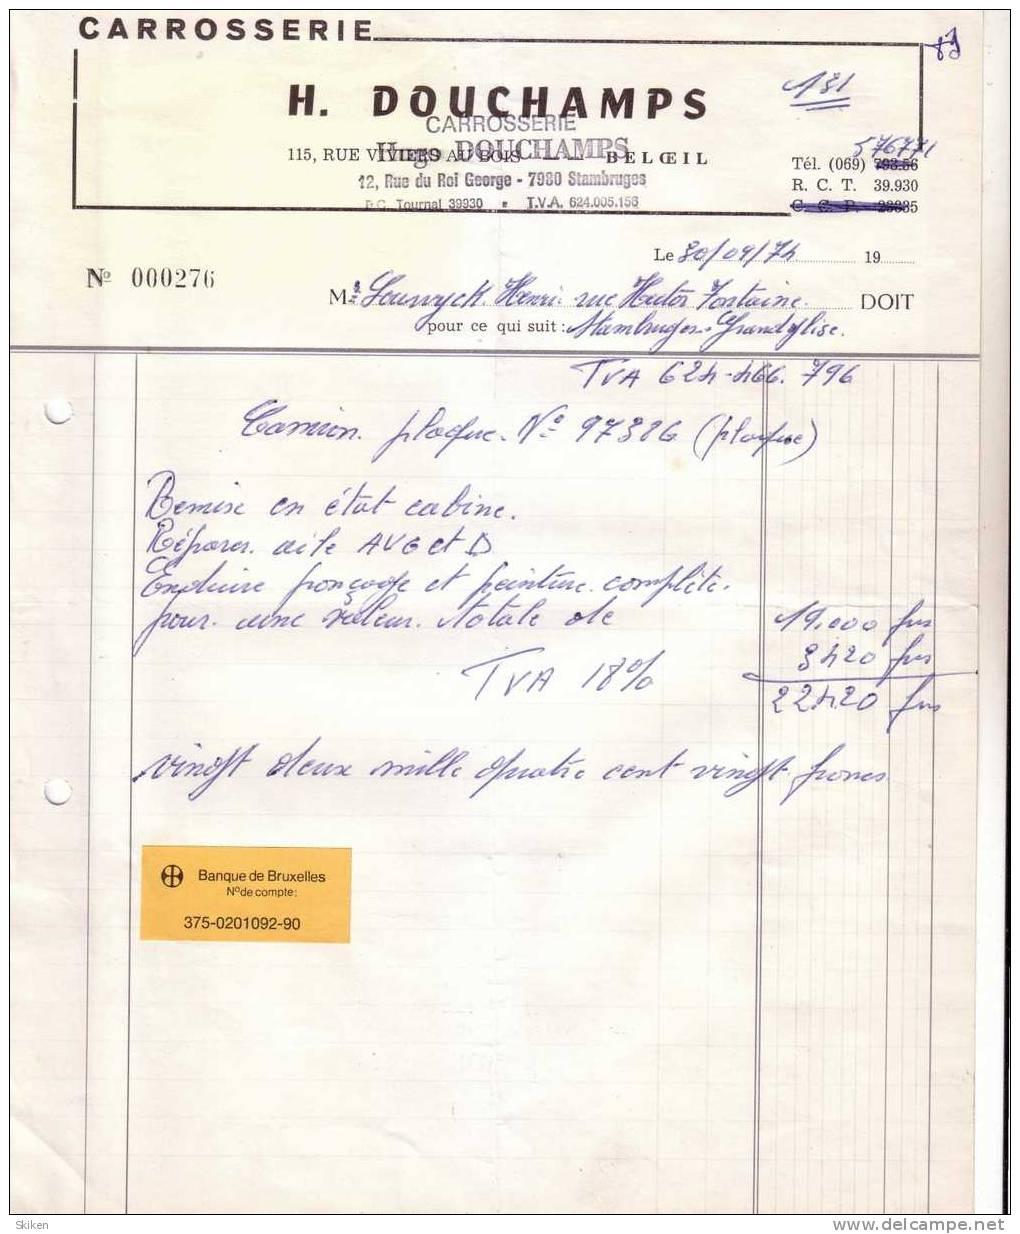 BELOEIL STAMBRUGES   H. DOUCHAMPS  Carrosserie   30.09.1974 - Belgique